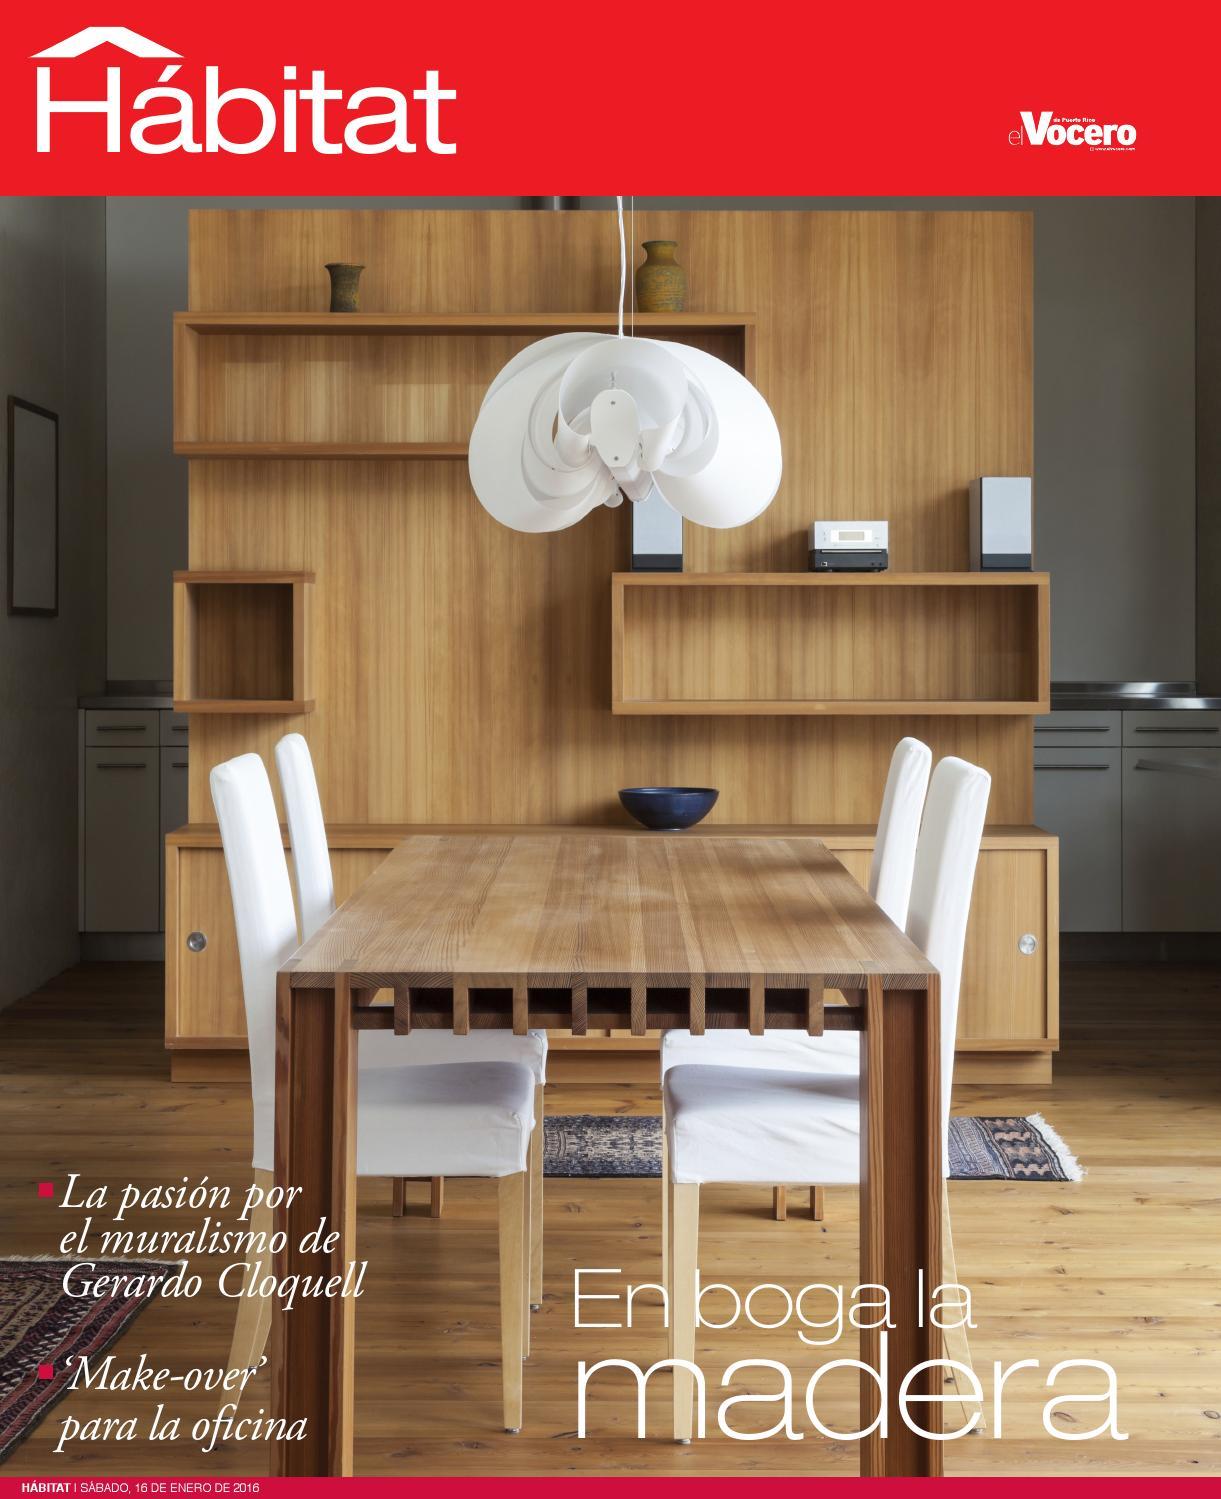 Revista digital h bitat 16 de enero de 2016 by el vocero for Habitat store muebles